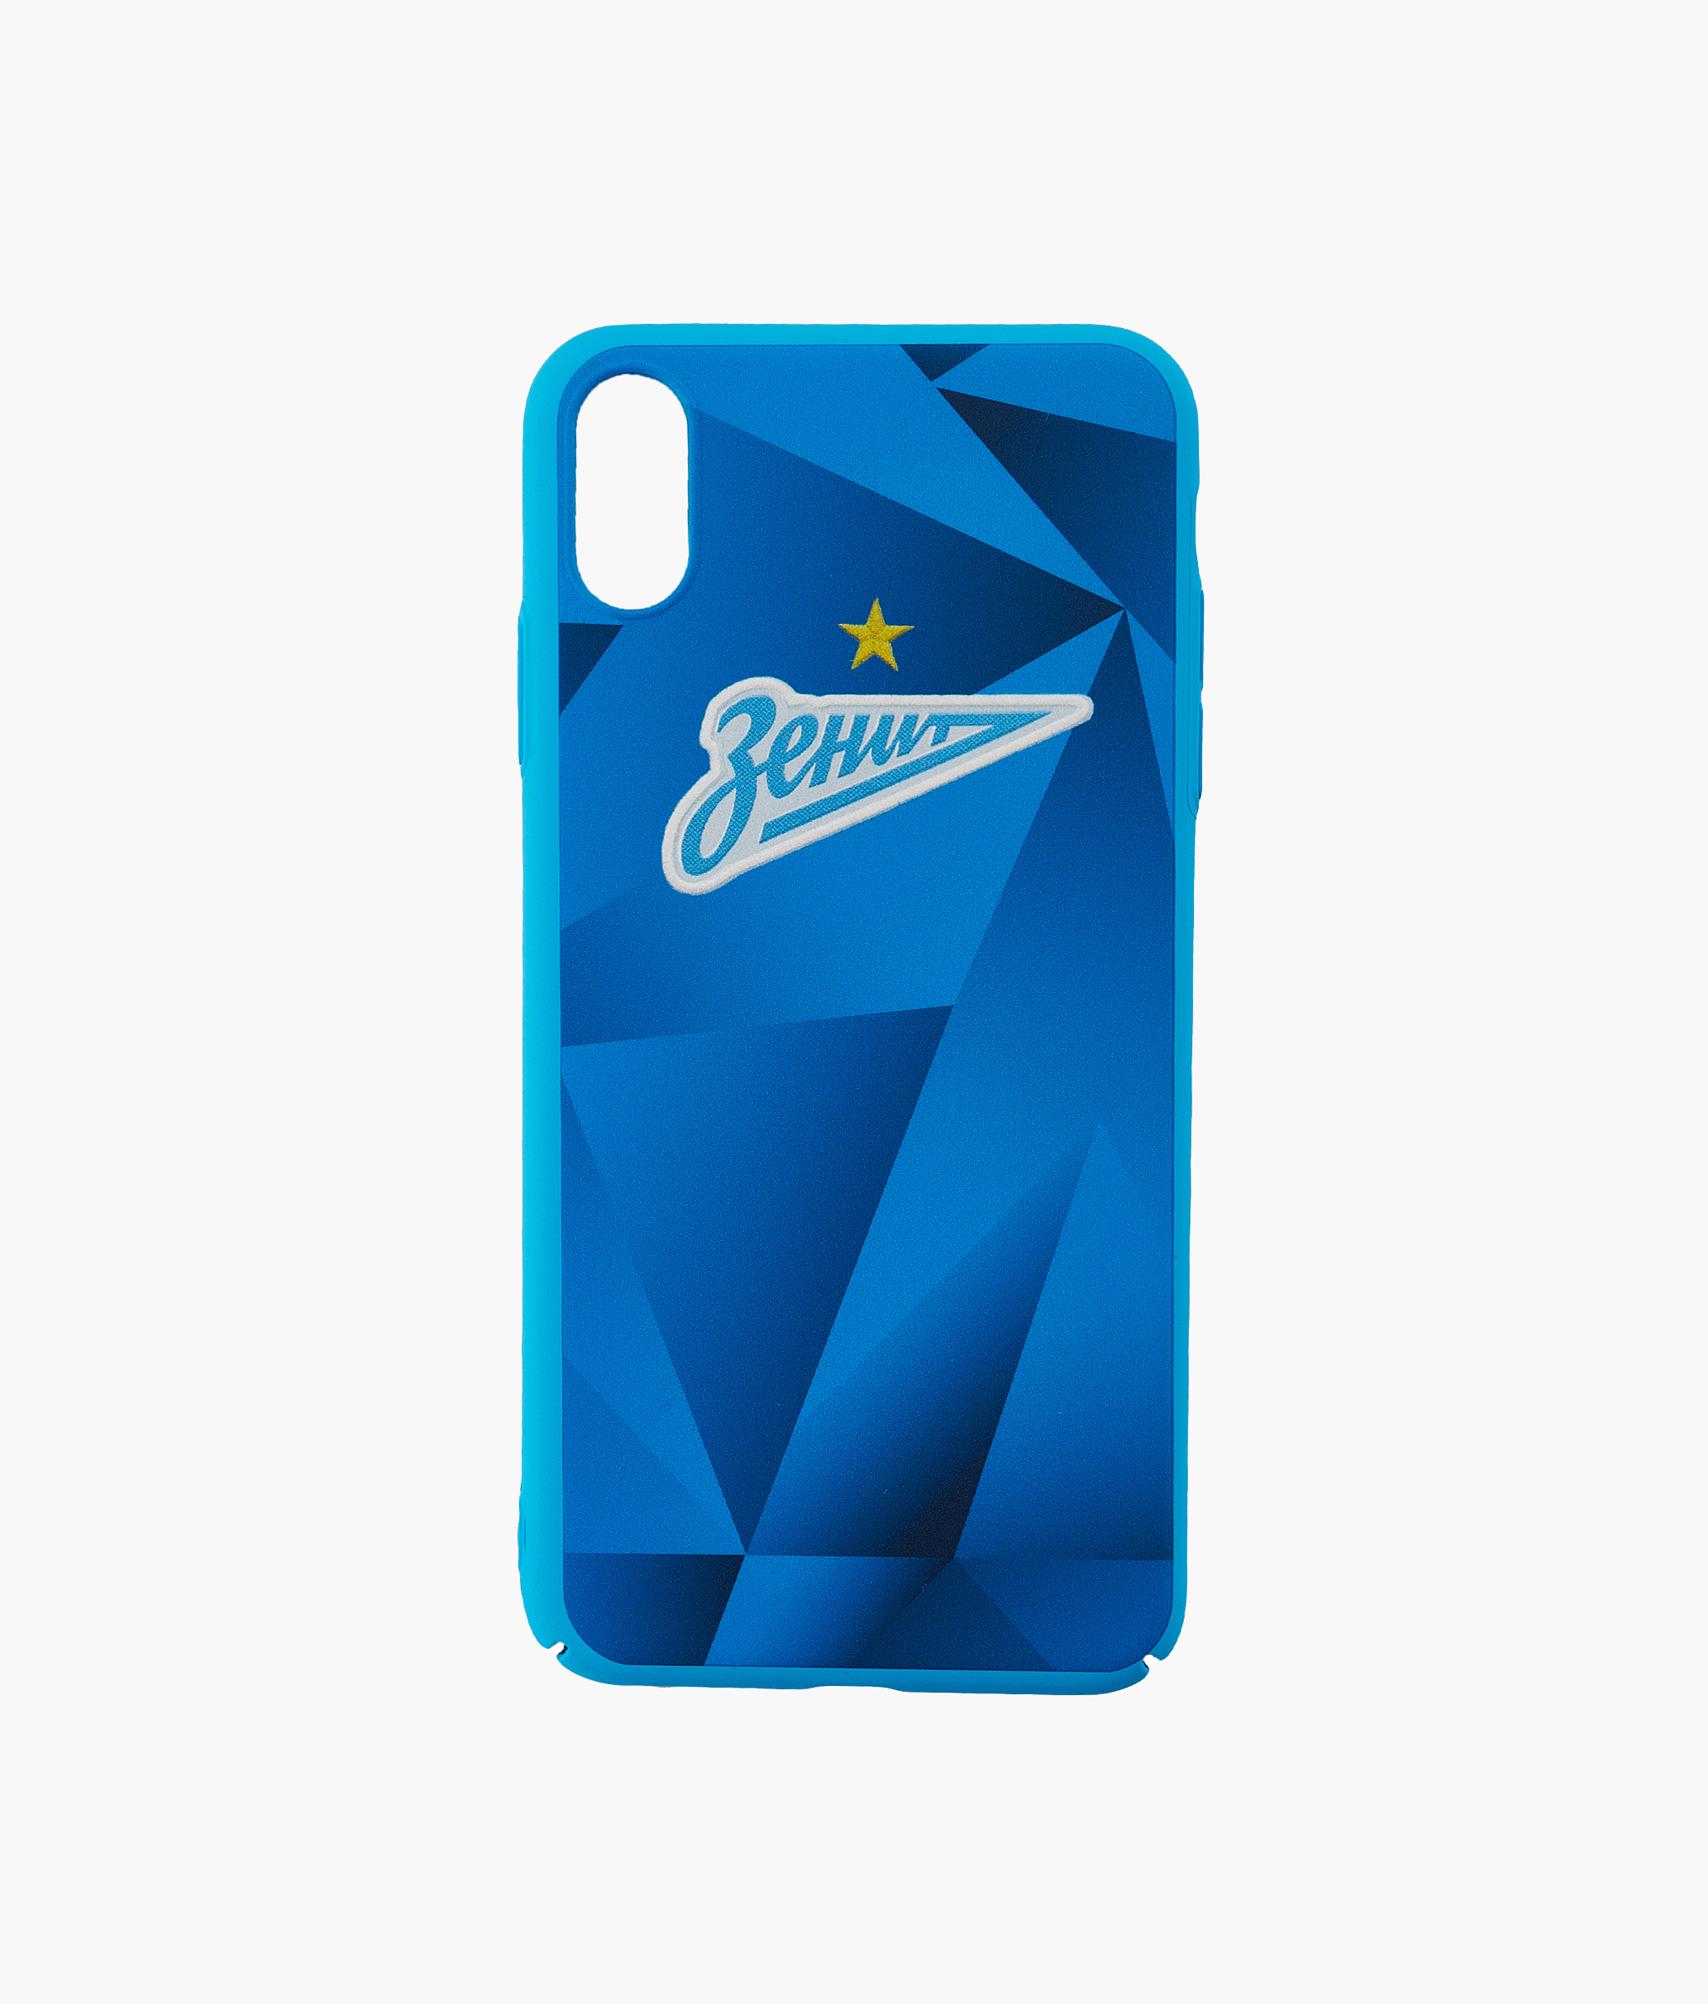 Фото - Чехол для IPhone XS Max Форма 2019/20 Зенит Цвет-Синий платье coccodrillo одежда повседневная на каждый день